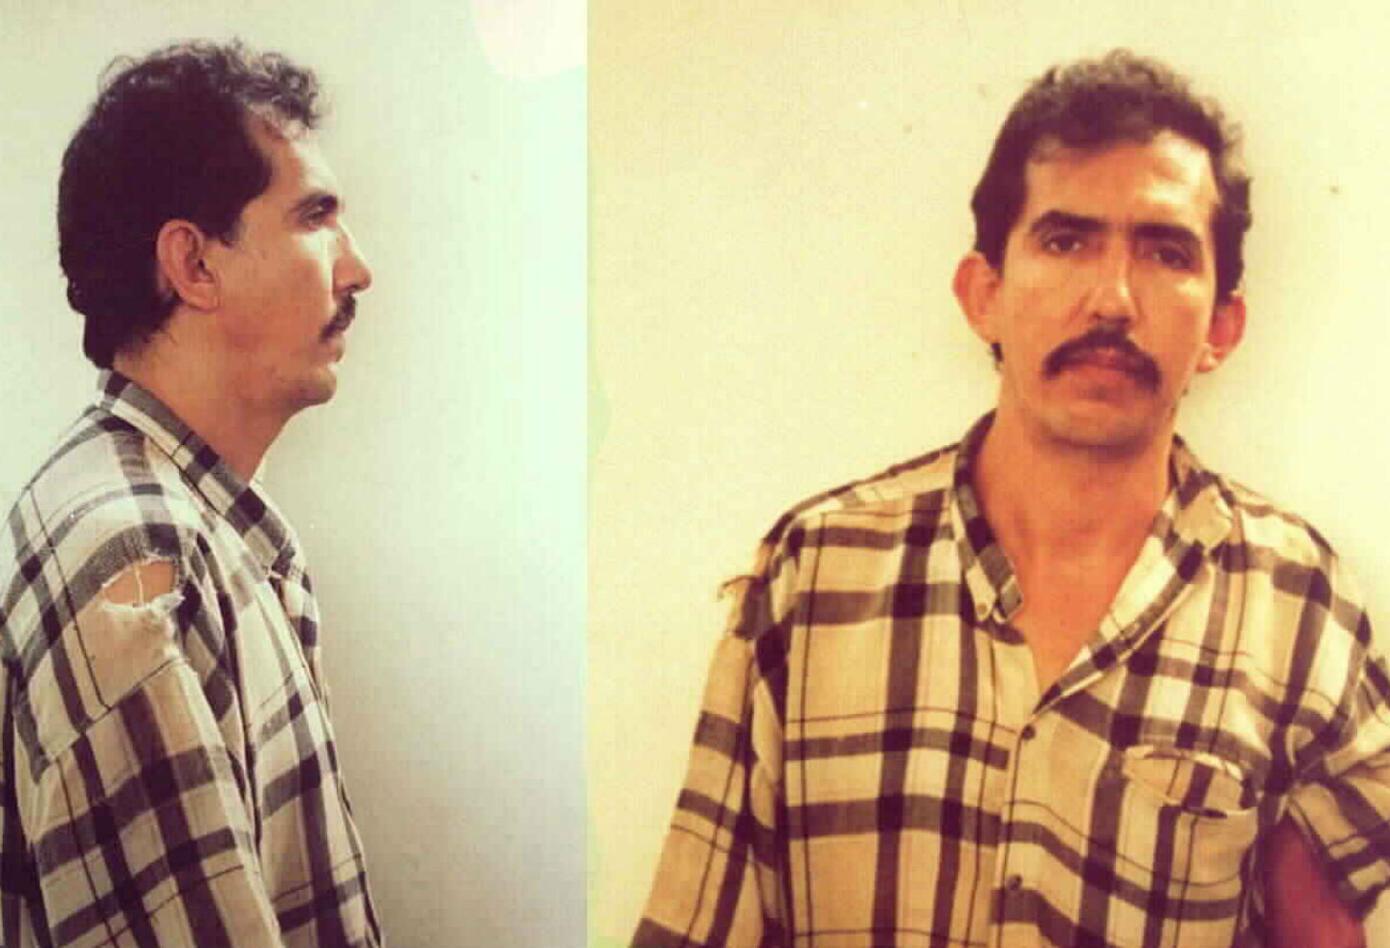 Entre 1980 y 1990. Luis Alfredo Garavito, 'La Bestia', es señalado de haber violado y asesinado a más de 200 menores de edad en más de once departamentos.